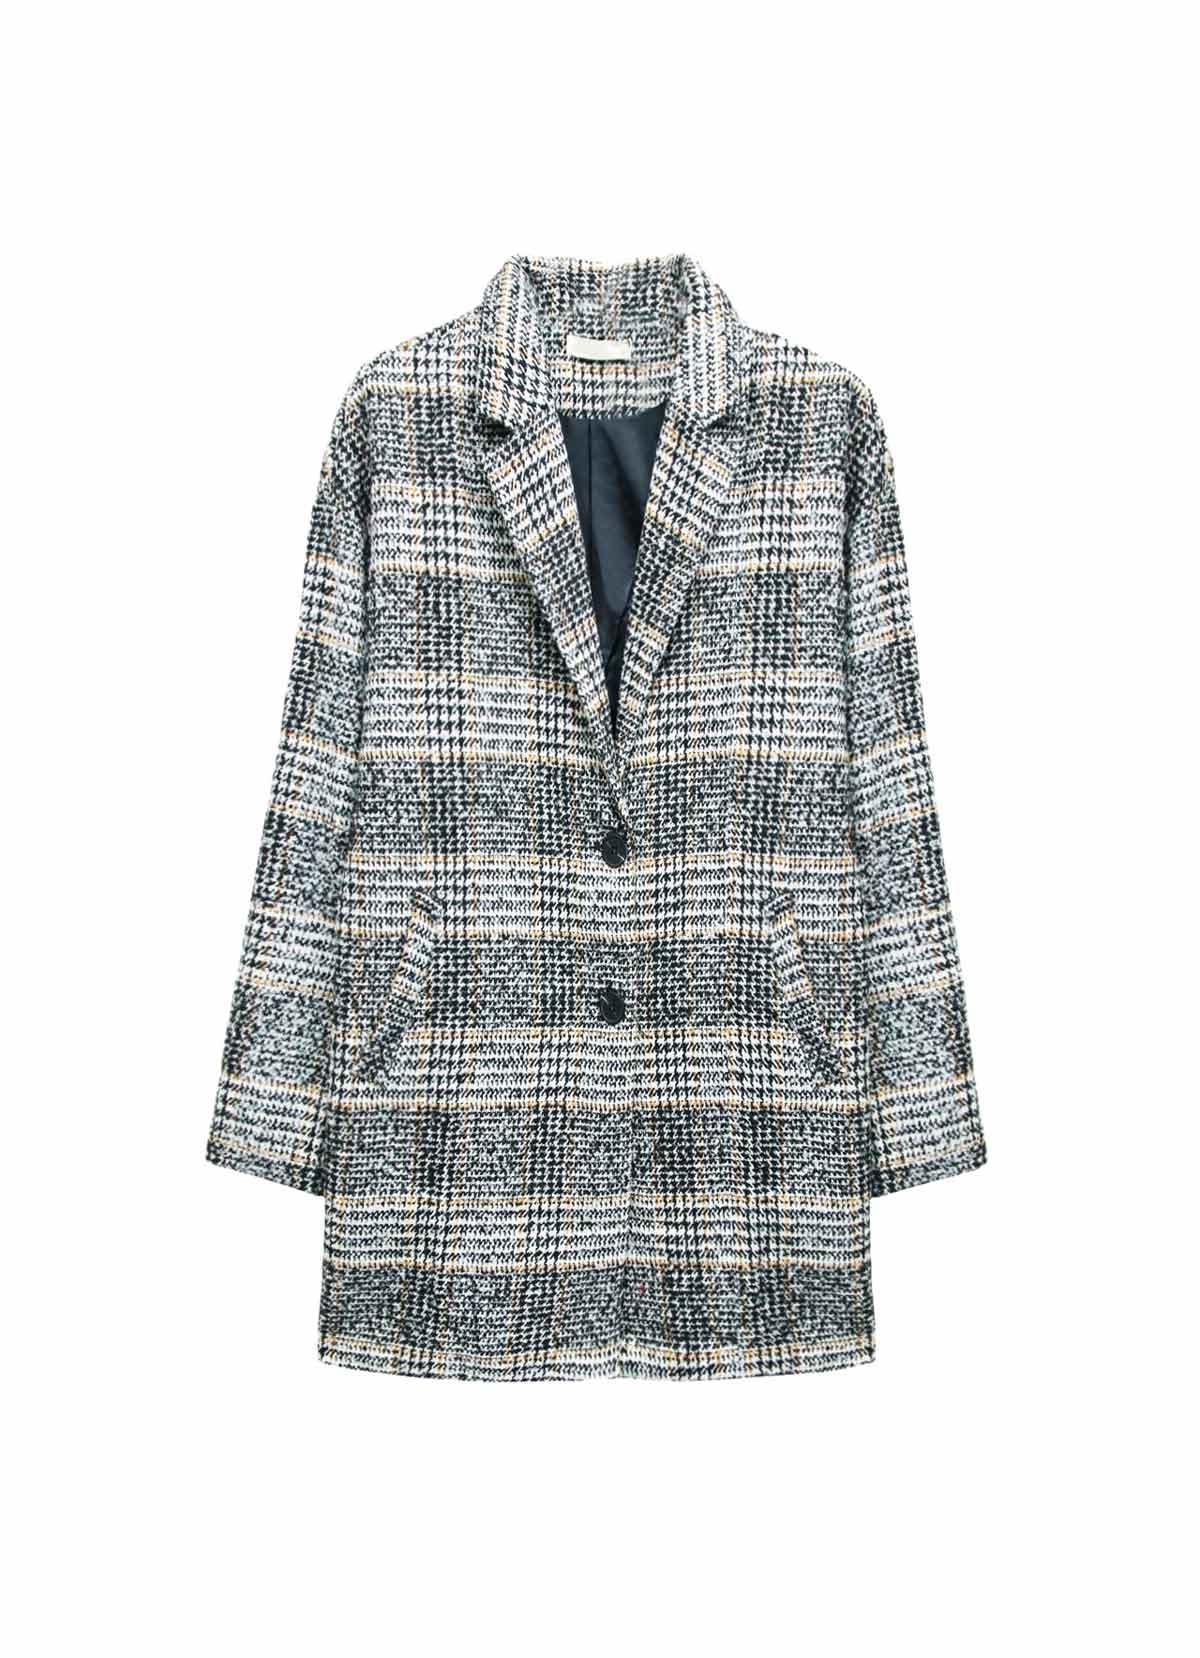 Le manteau de laine à carreaux